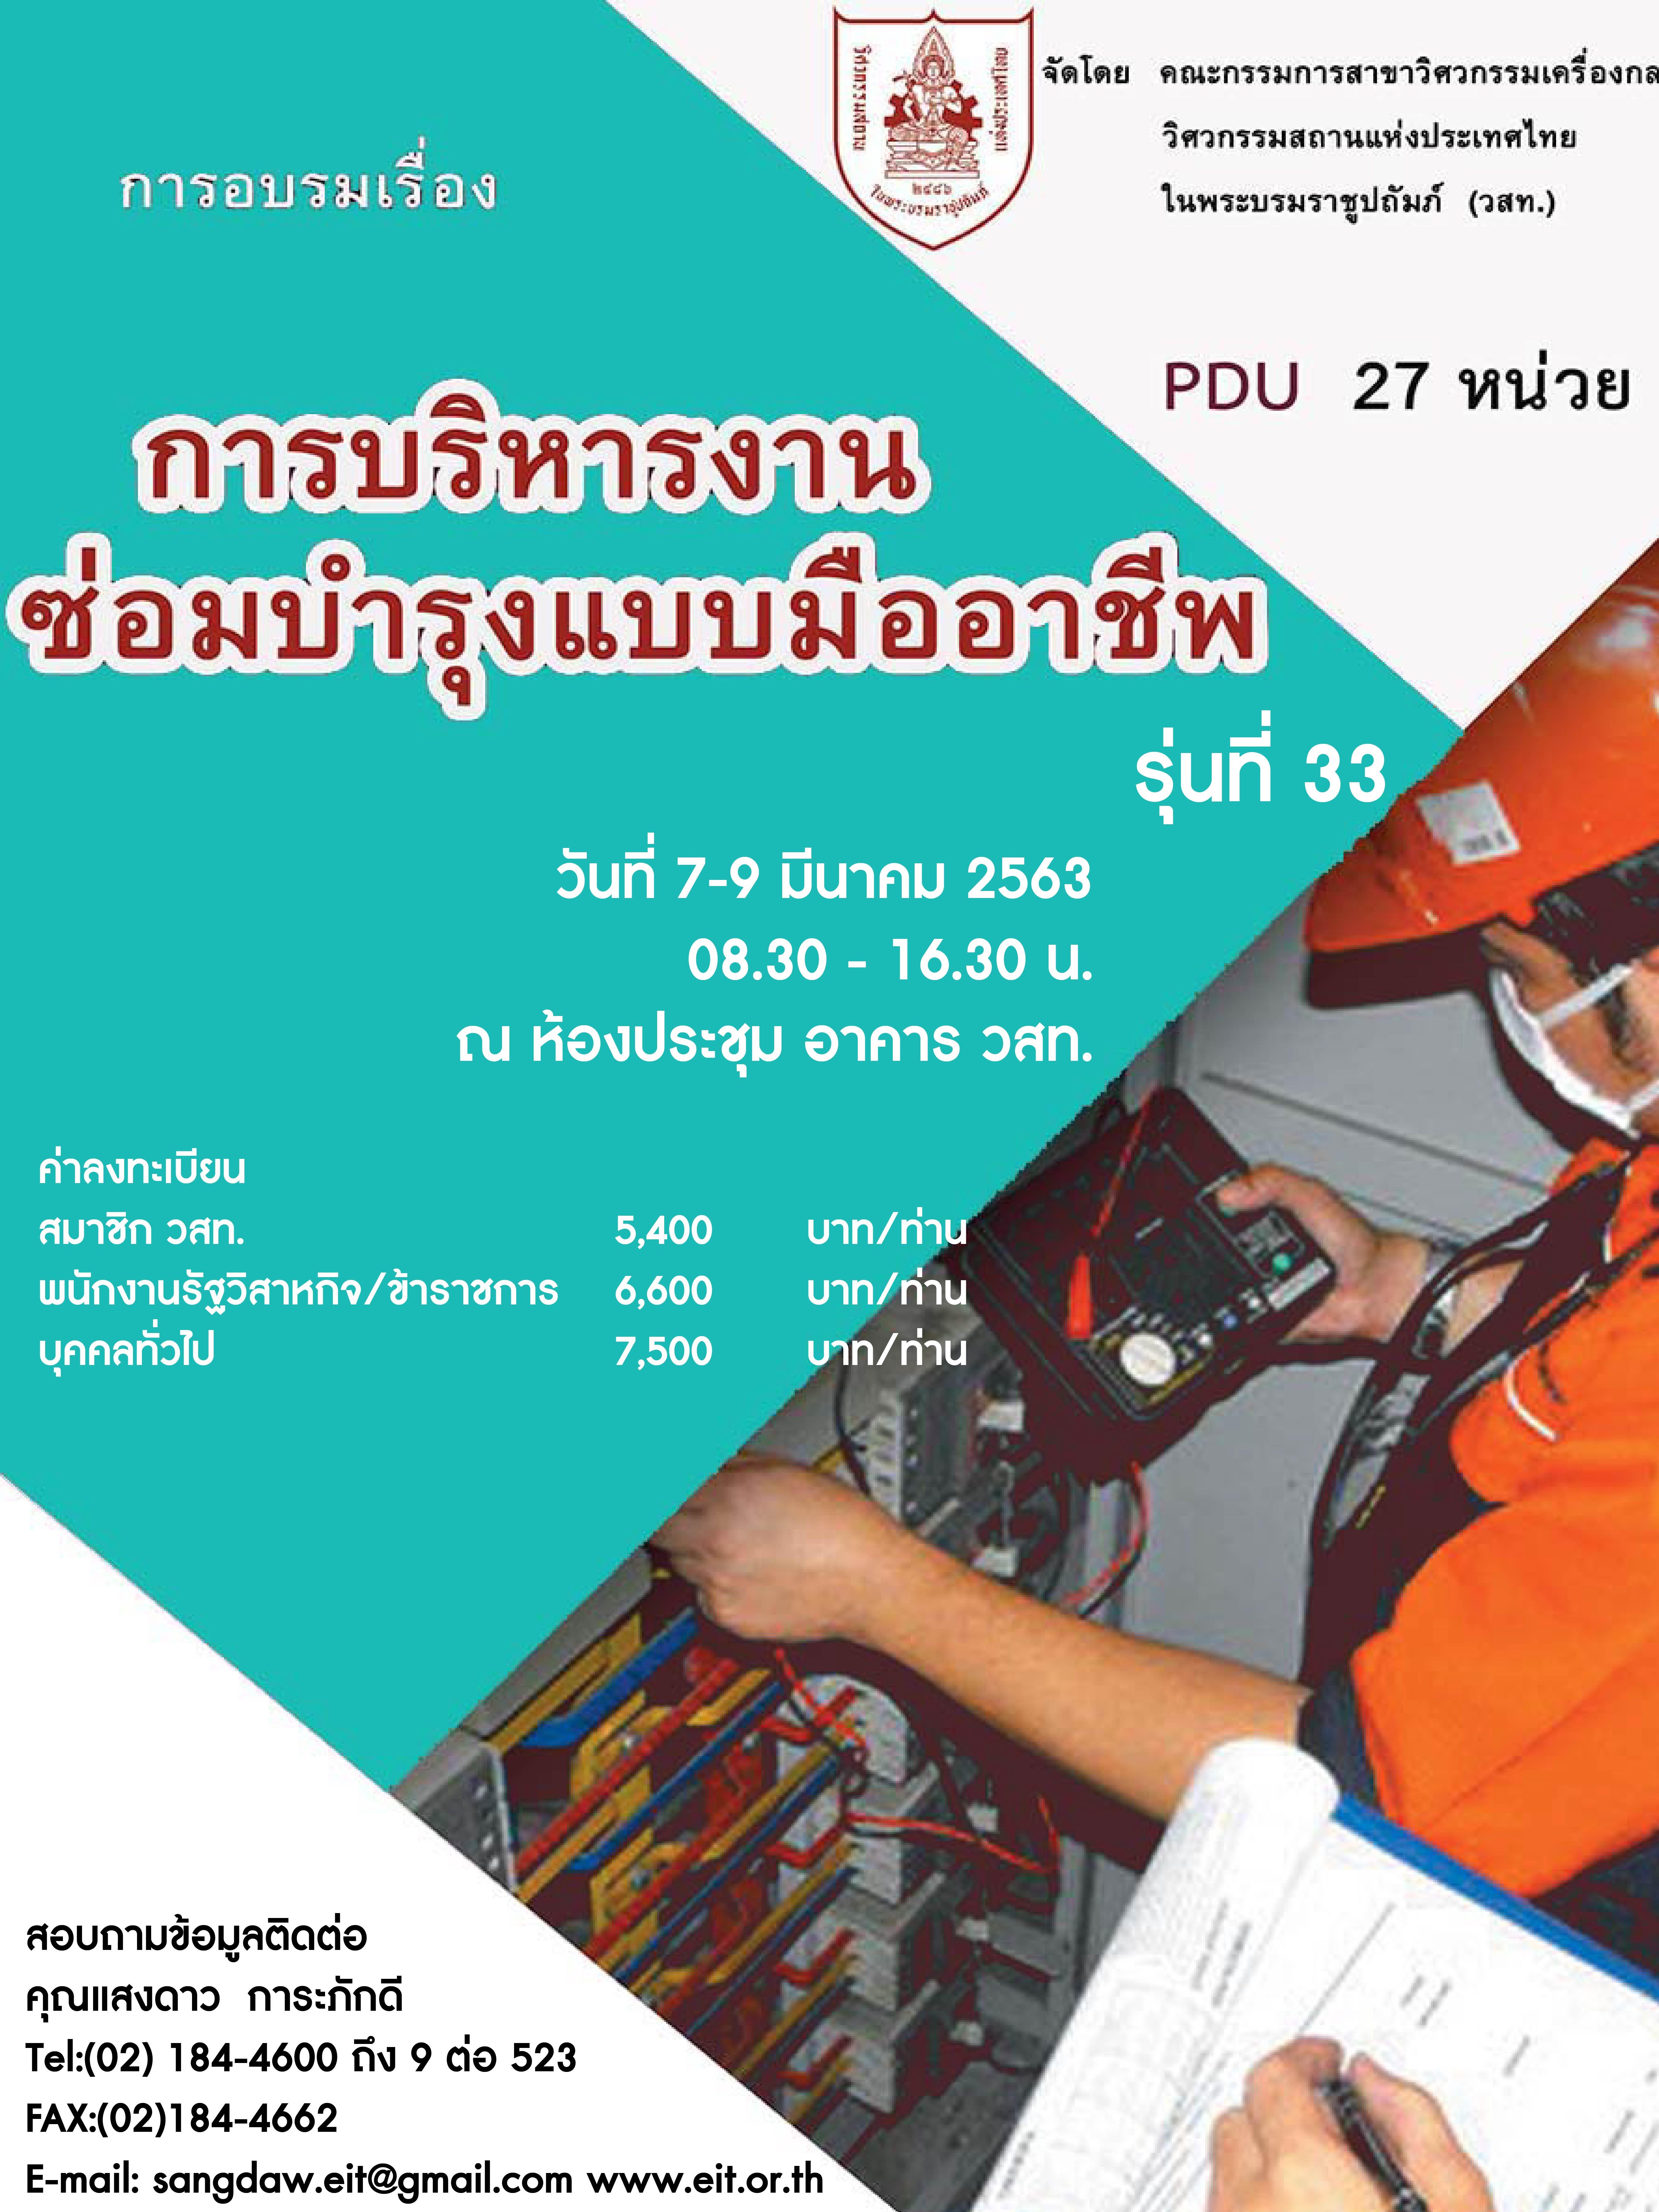 7-9/03/2563 การบริหารงานซ่อมบำรุงแบบมืออาชีพ รุ่นที่ 33